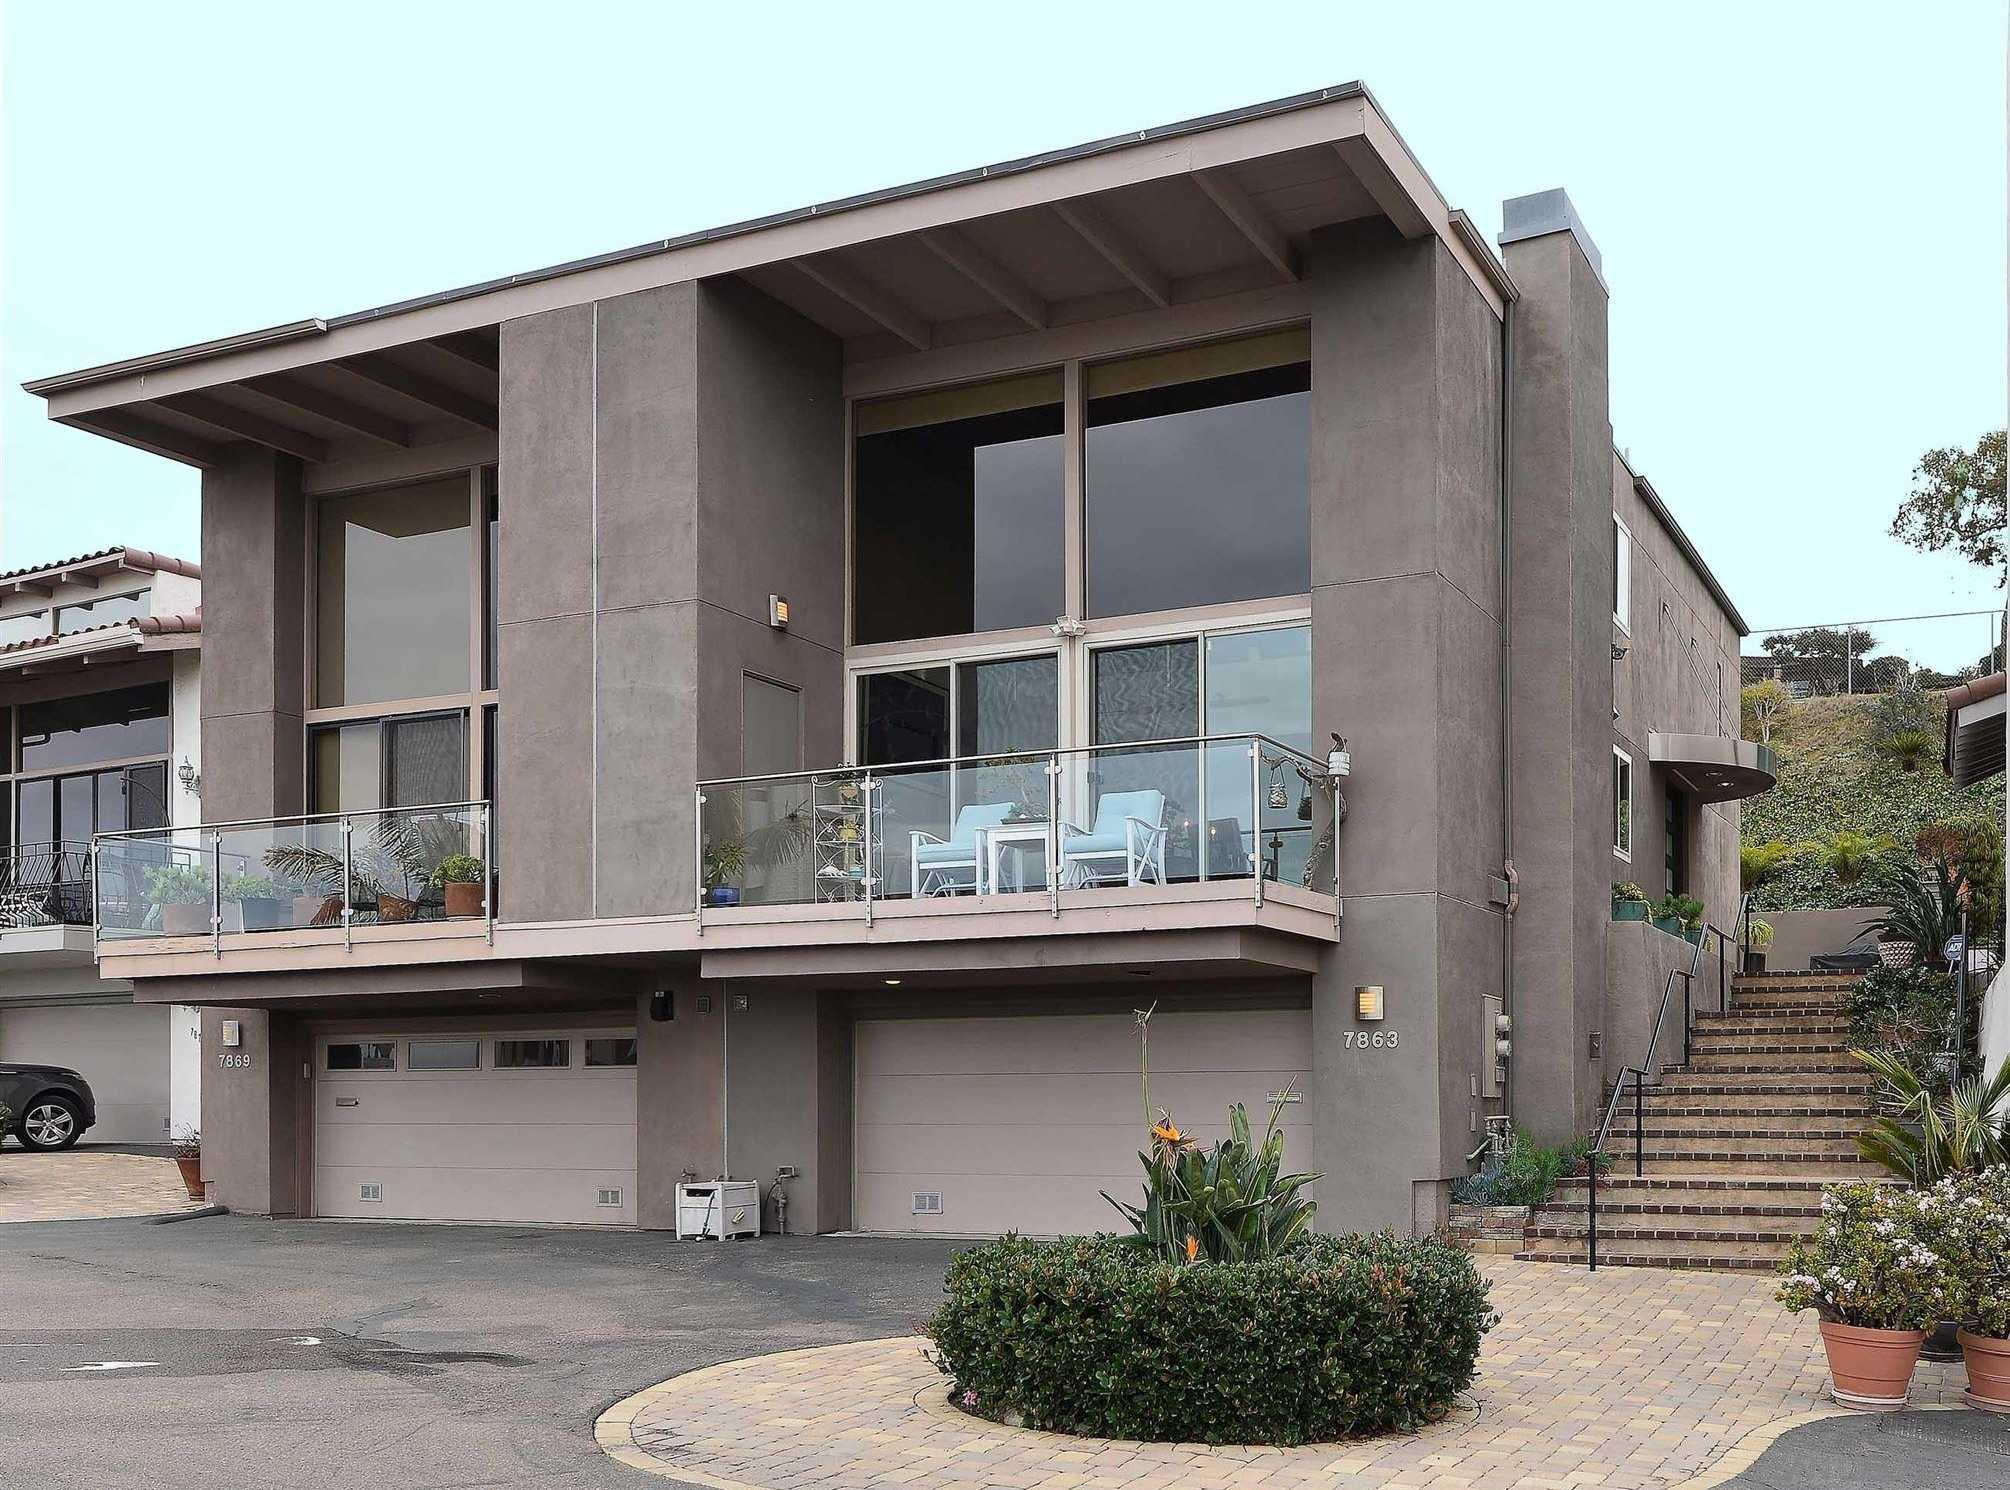 $1,875,000 - 3Br/2Ba -  for Sale in La Jolla Shores, La Jolla